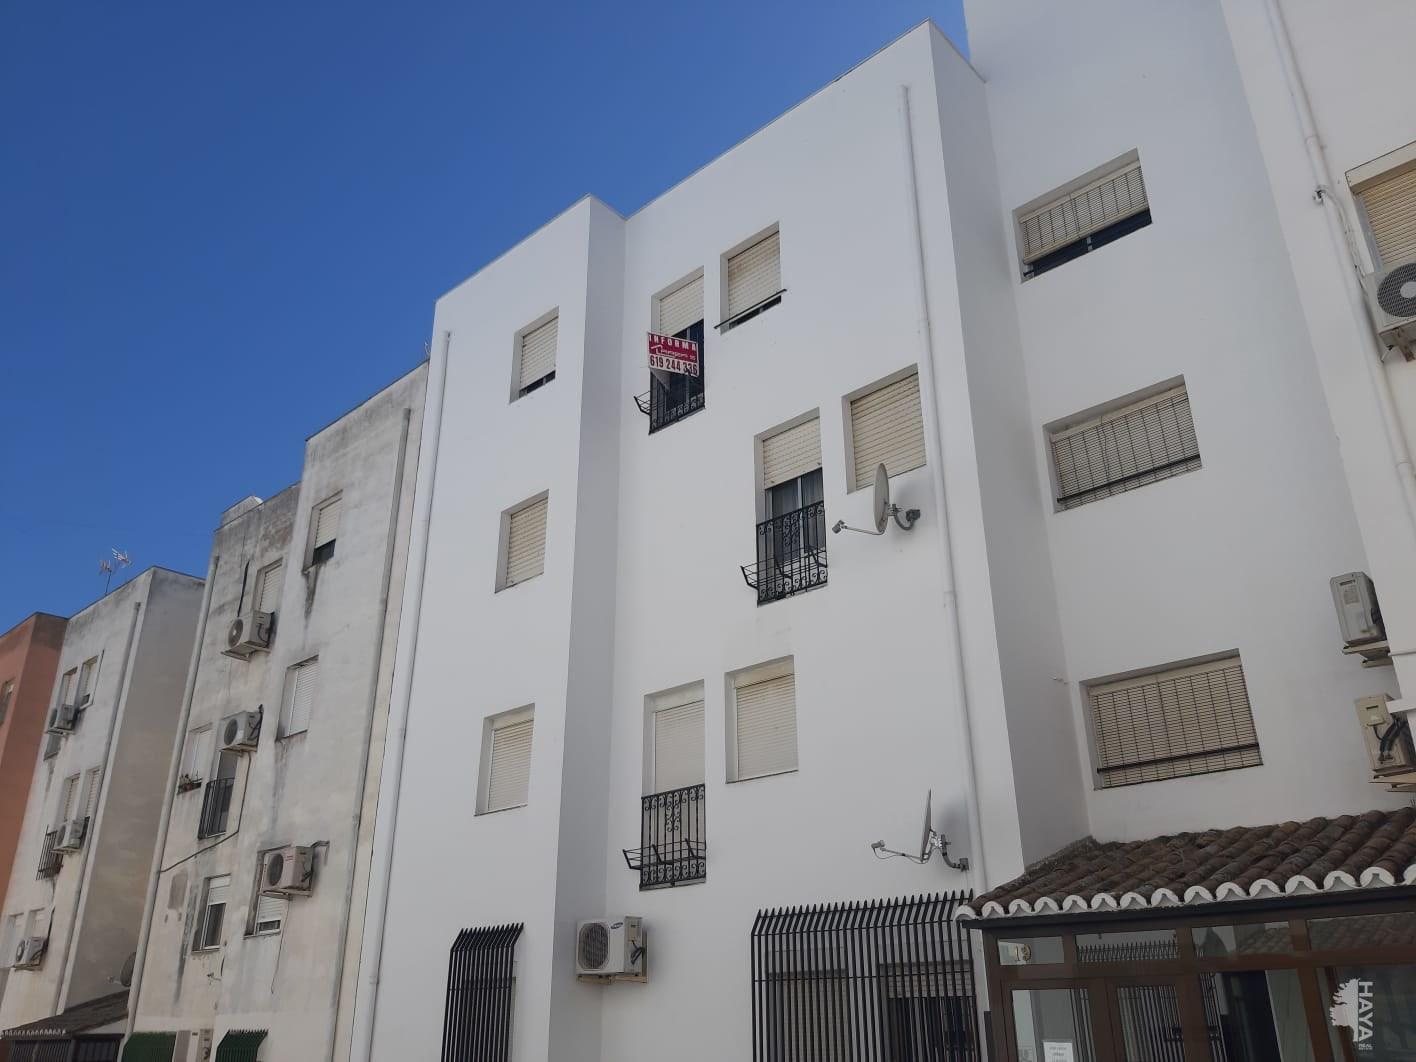 Piso en venta en Distrito 6, Mérida, Badajoz, Calle Antonio de Nebrija, 61.950 €, 3 habitaciones, 1 baño, 93 m2